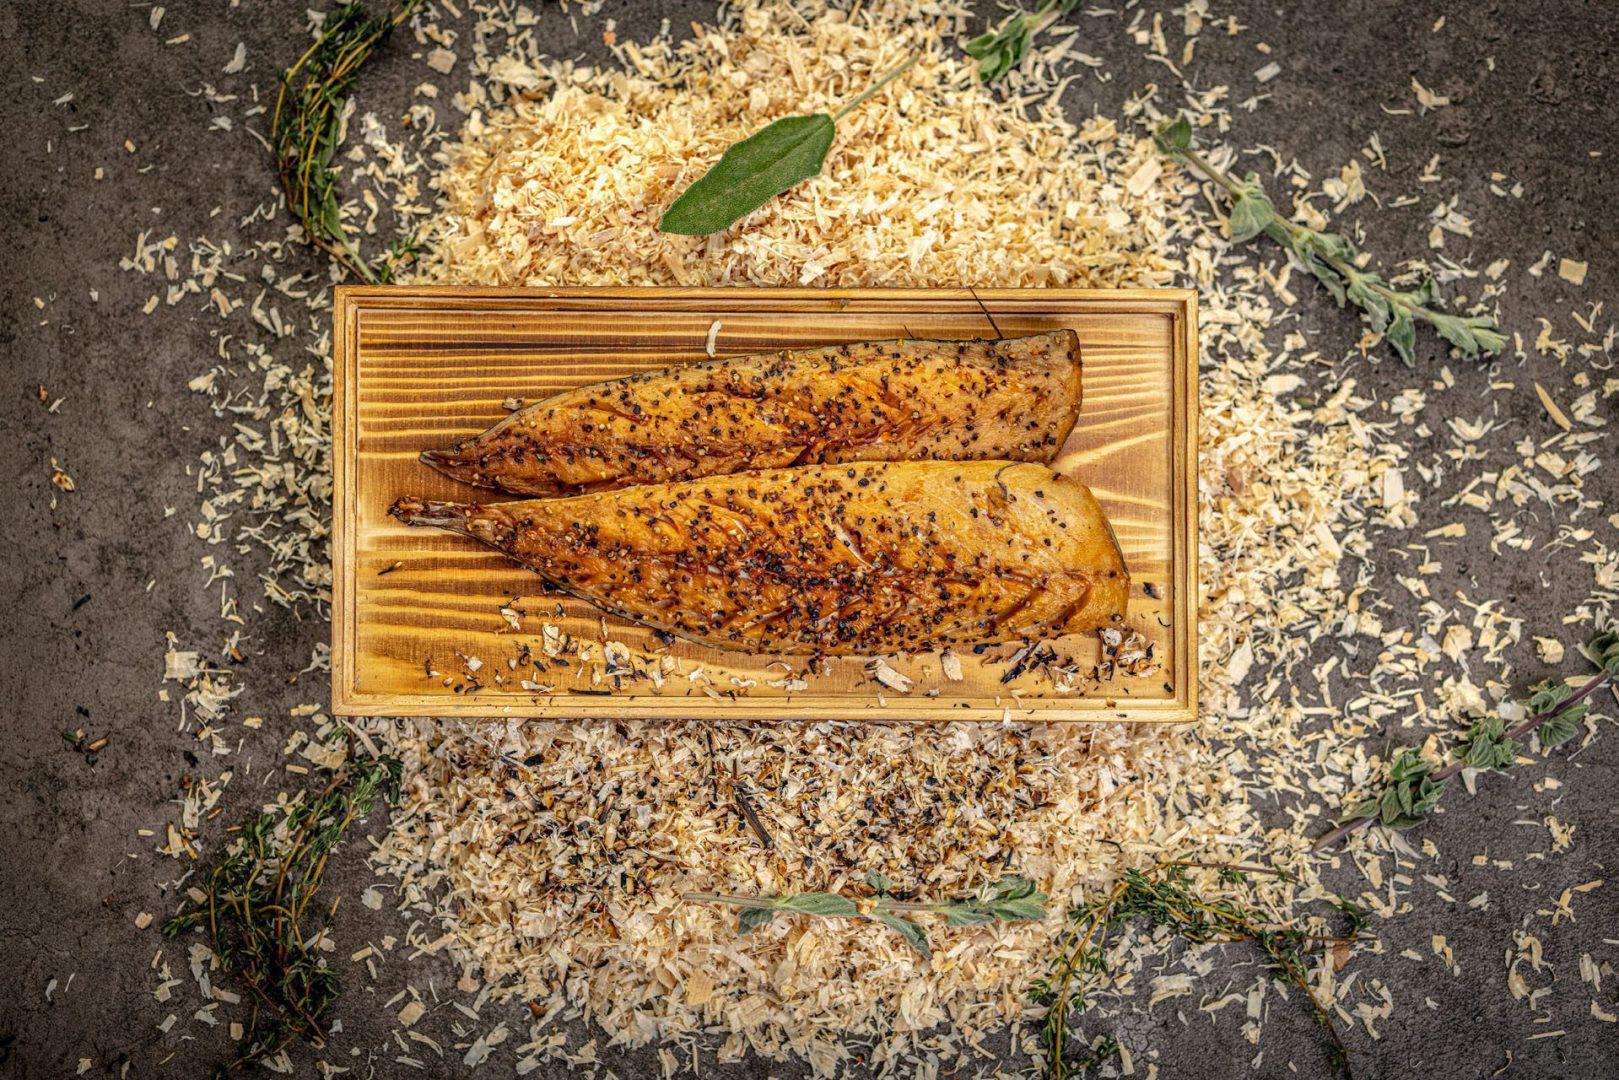 makreel filet kopen